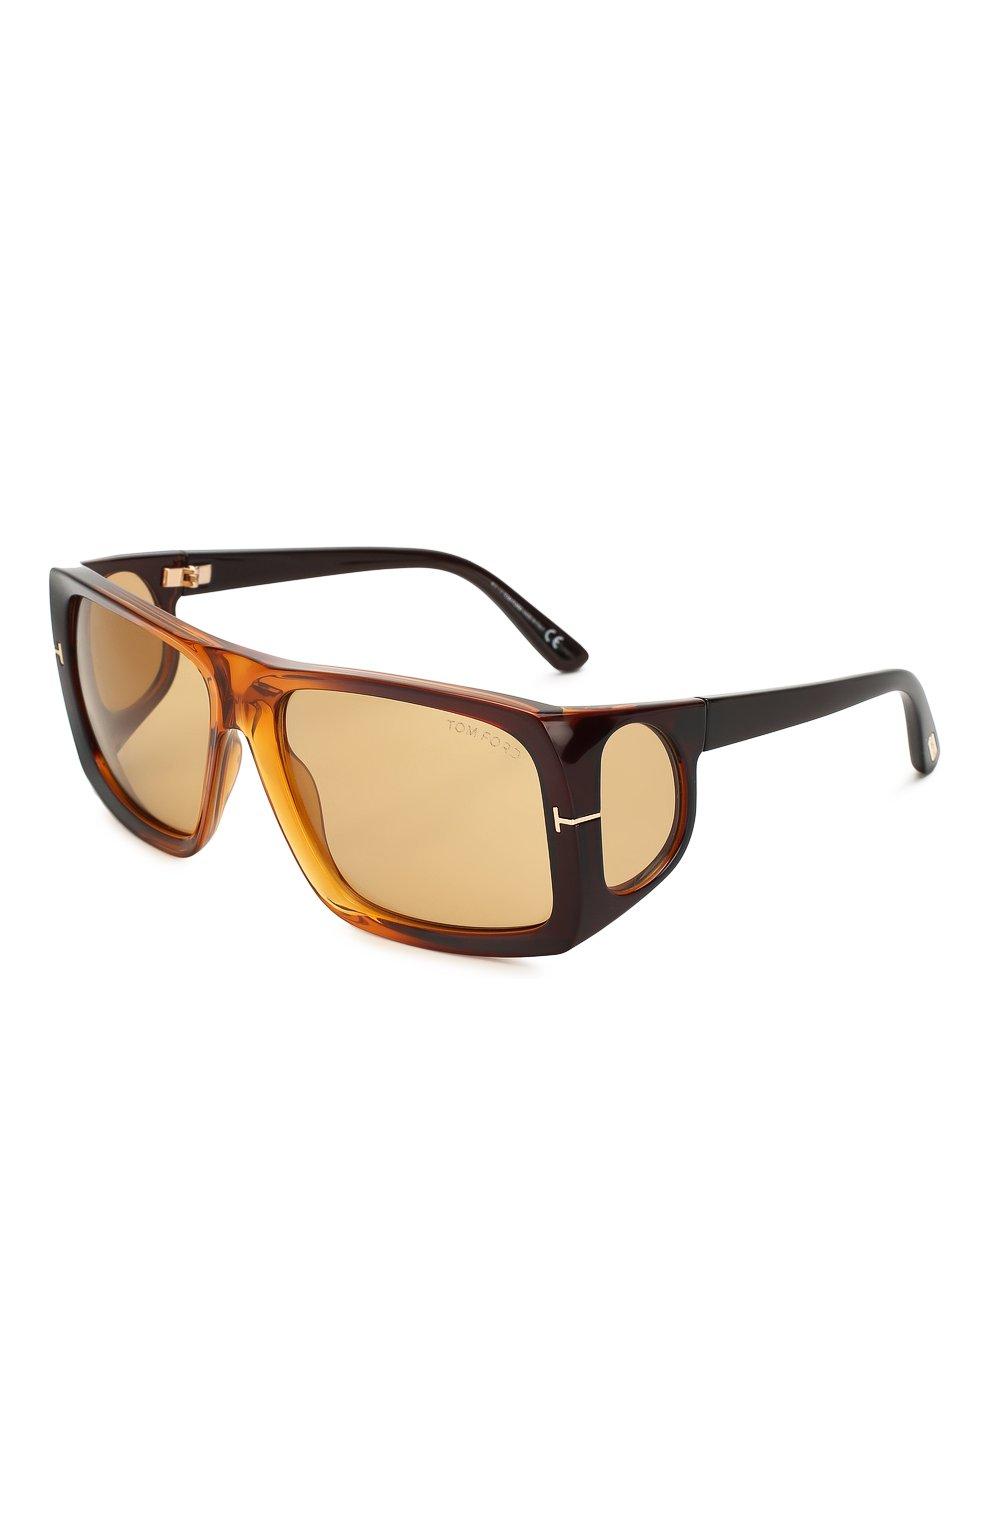 Женские солнцезащитные очки TOM FORD коричневого цвета, арт. TF730 48E | Фото 1